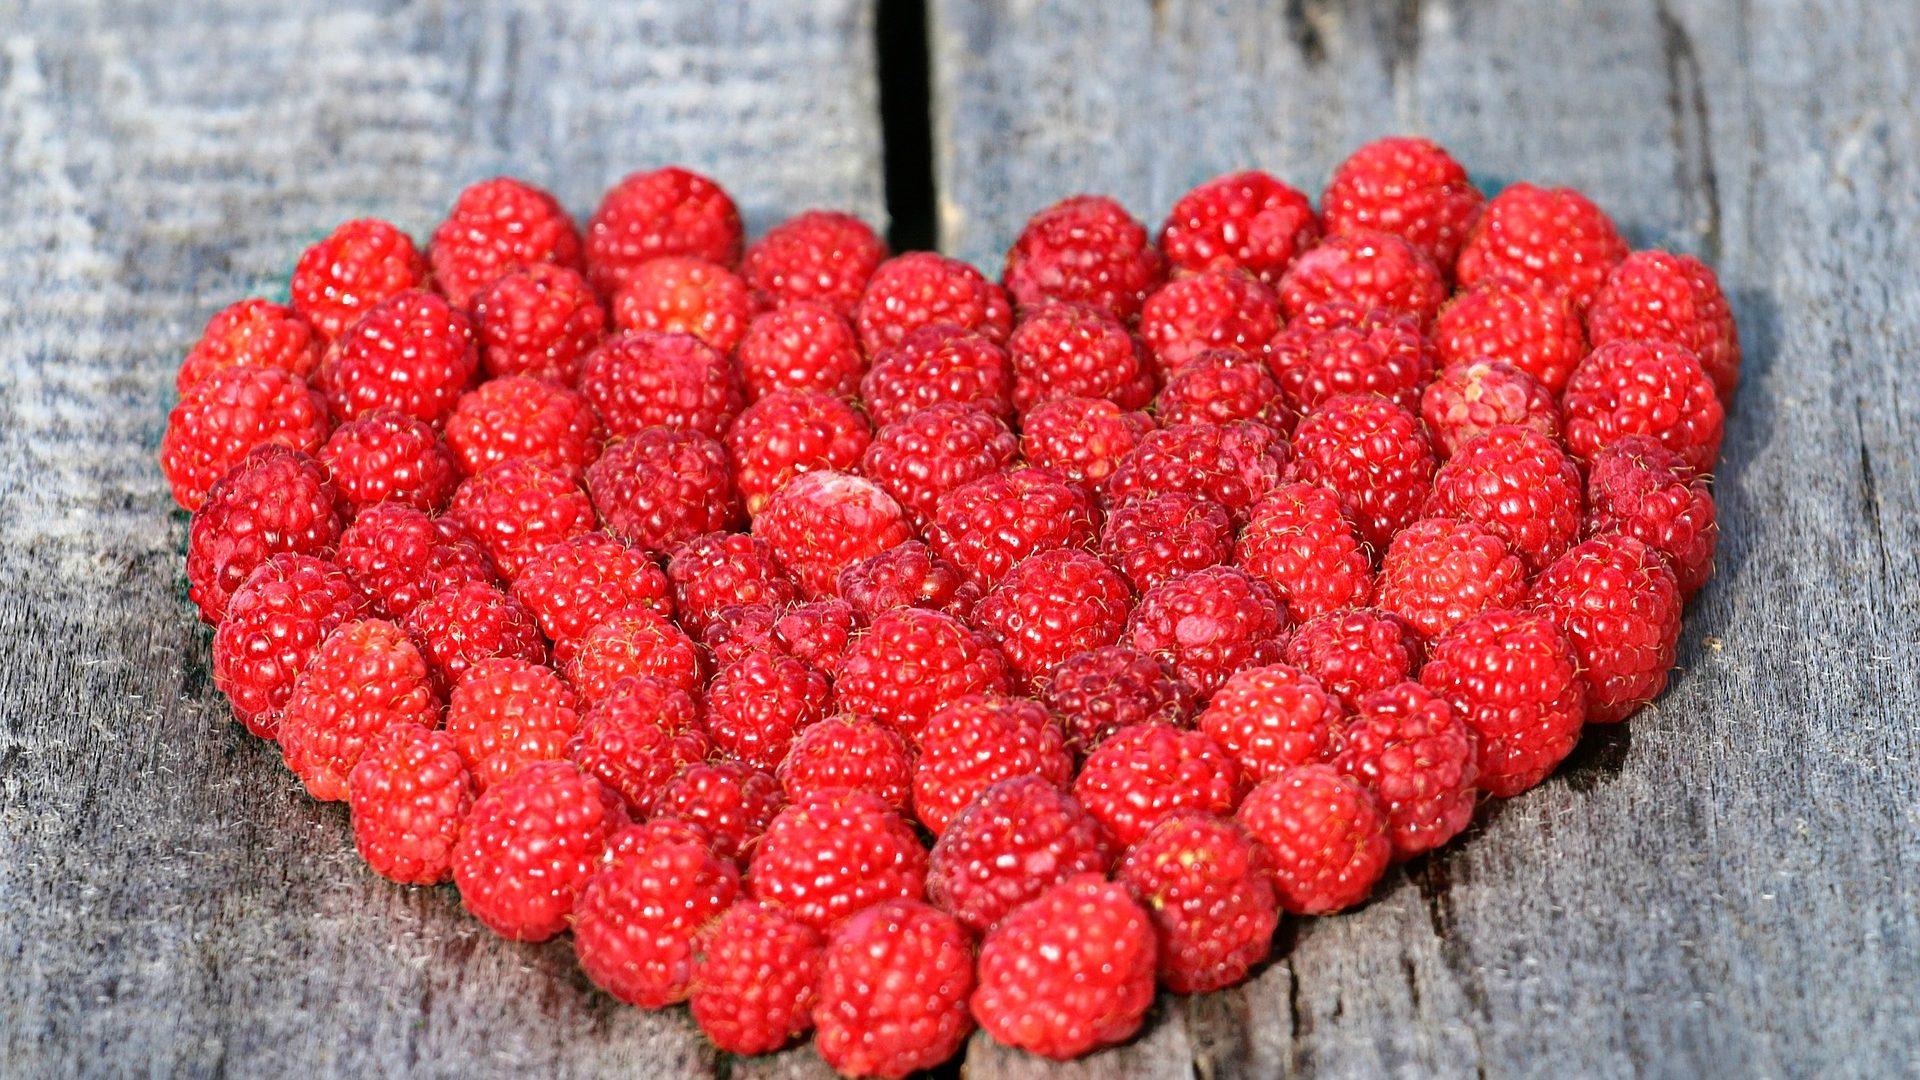 raspberry-heart-1503998_1920